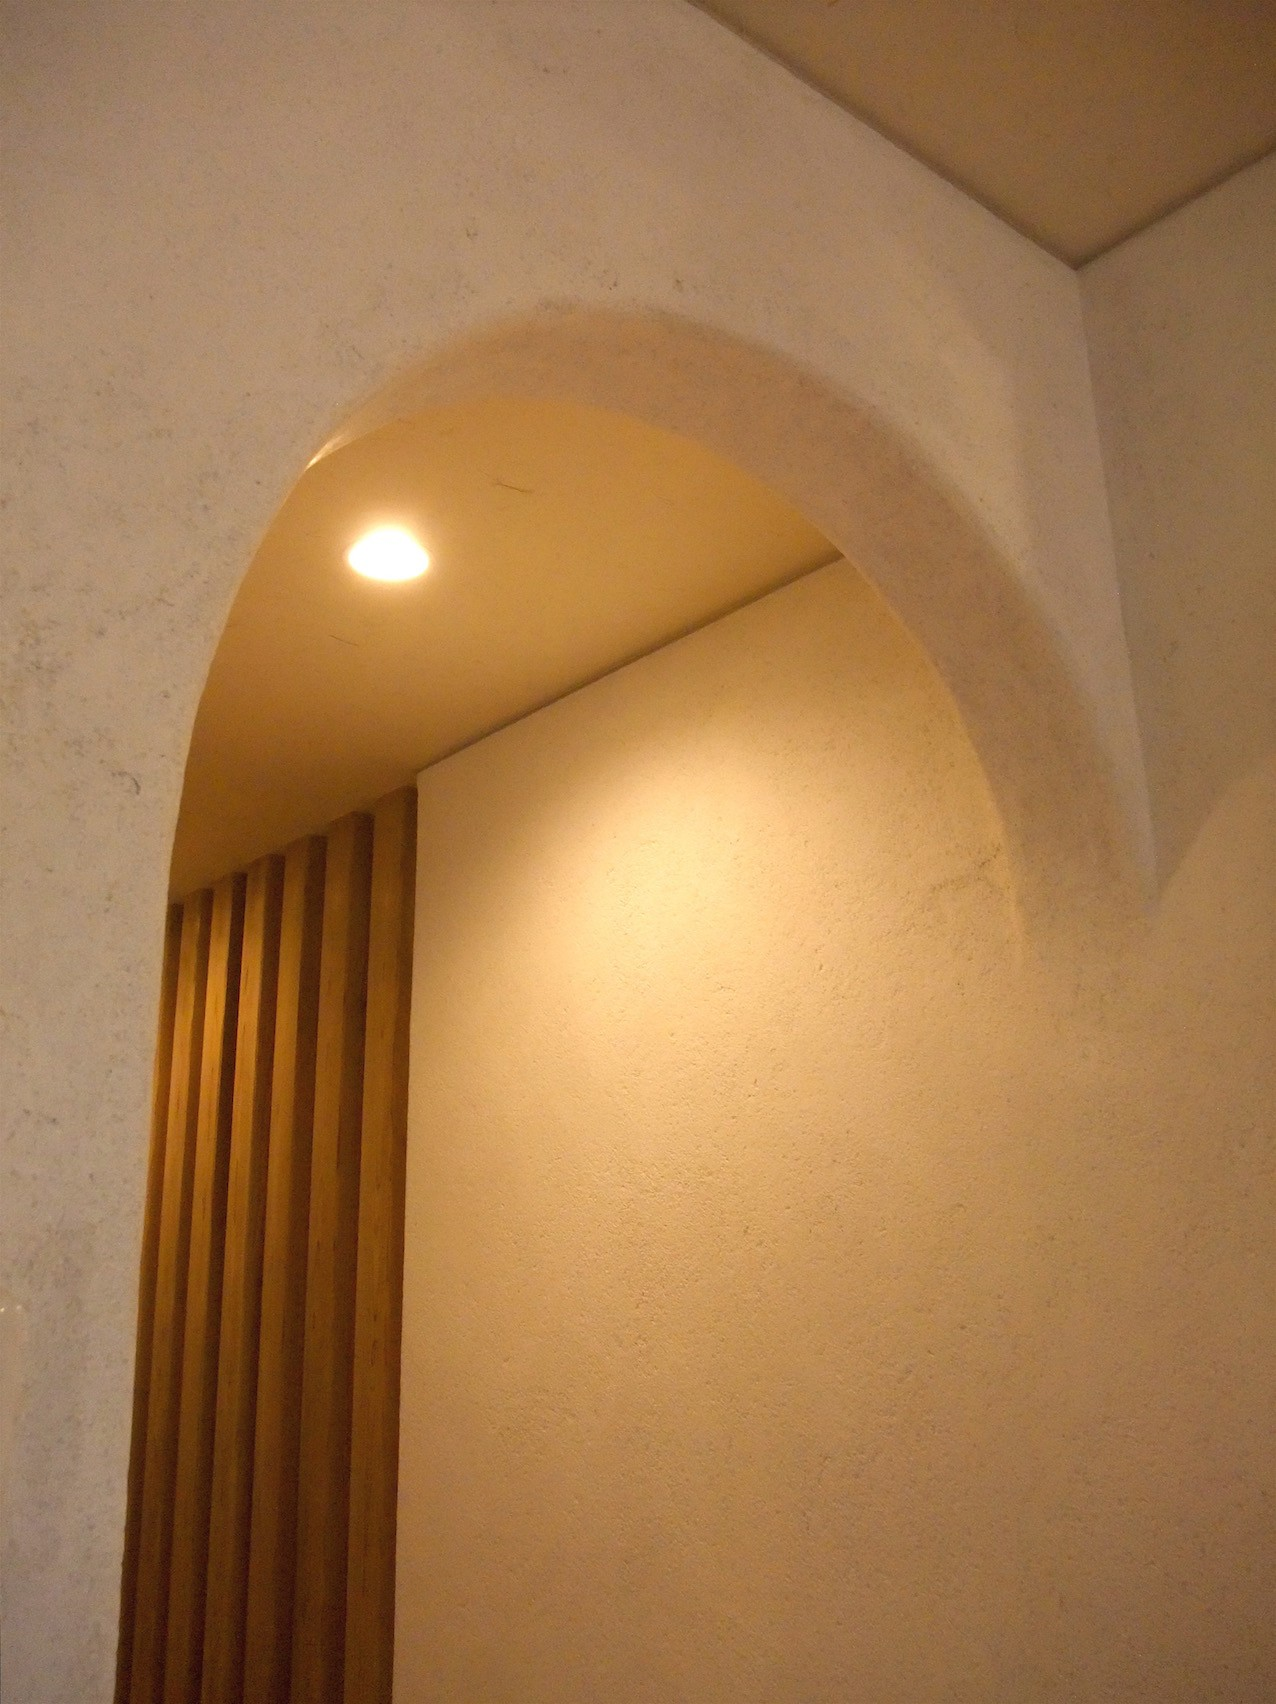 その他事例:R壁(Edelweiss renovation 〜 ふたり暮らしのリノベーション 〜)